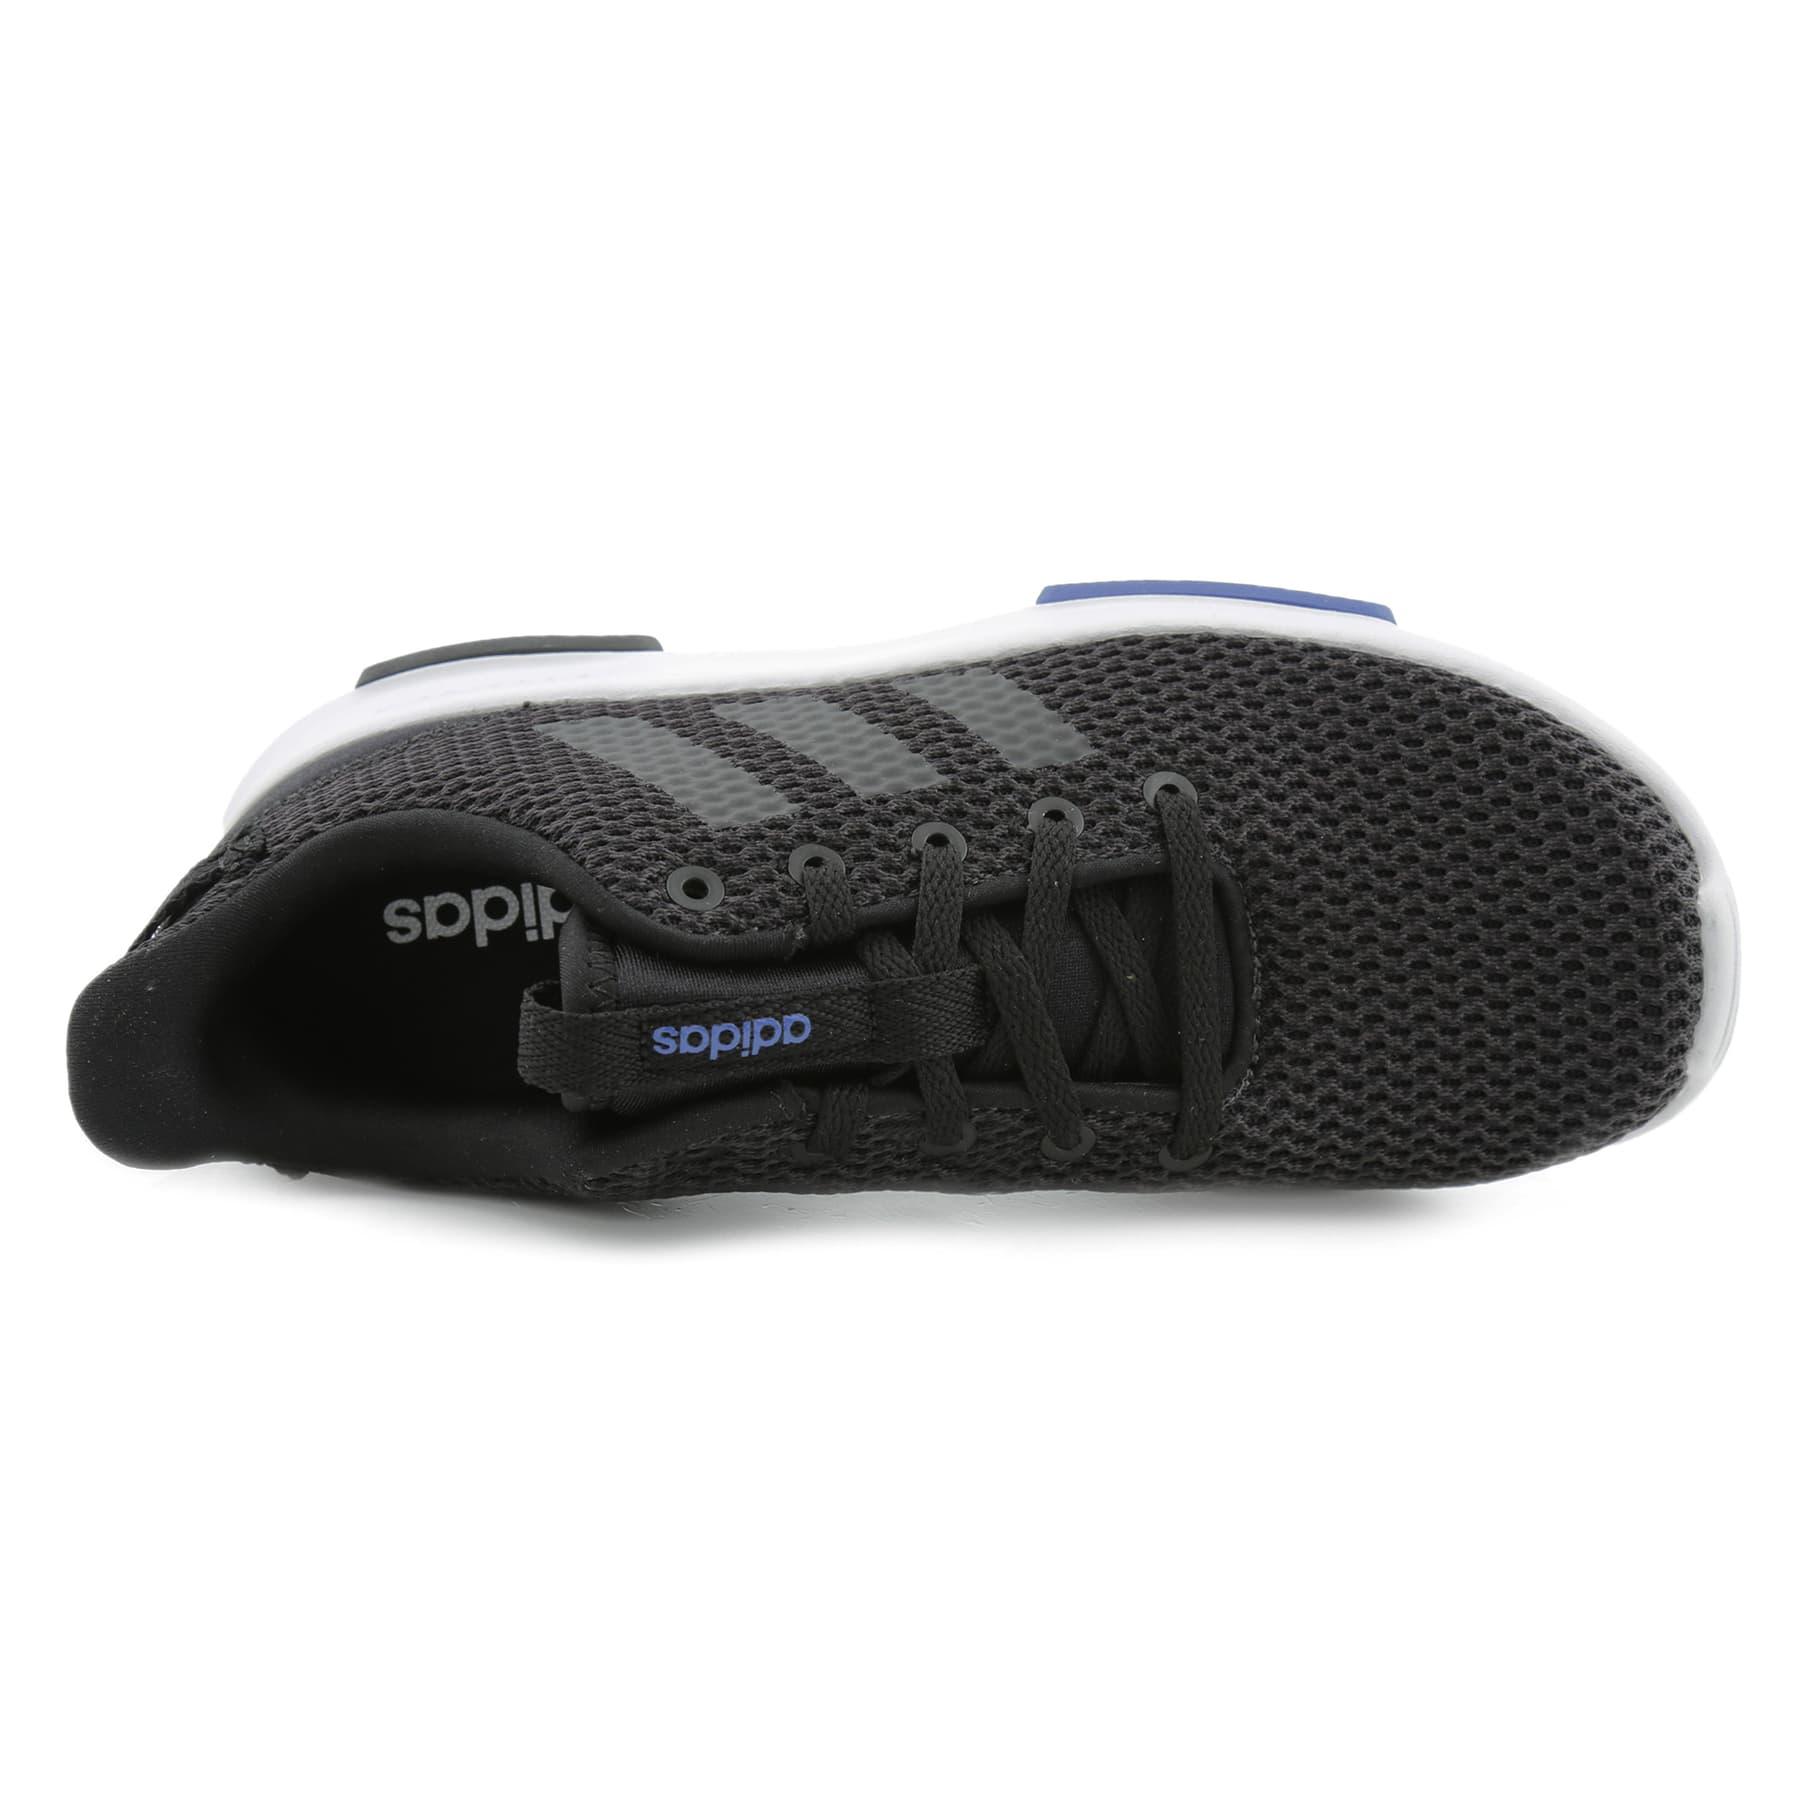 Cloudfoam Racer TR Kadın Siyah Koşu Ayakkabısı